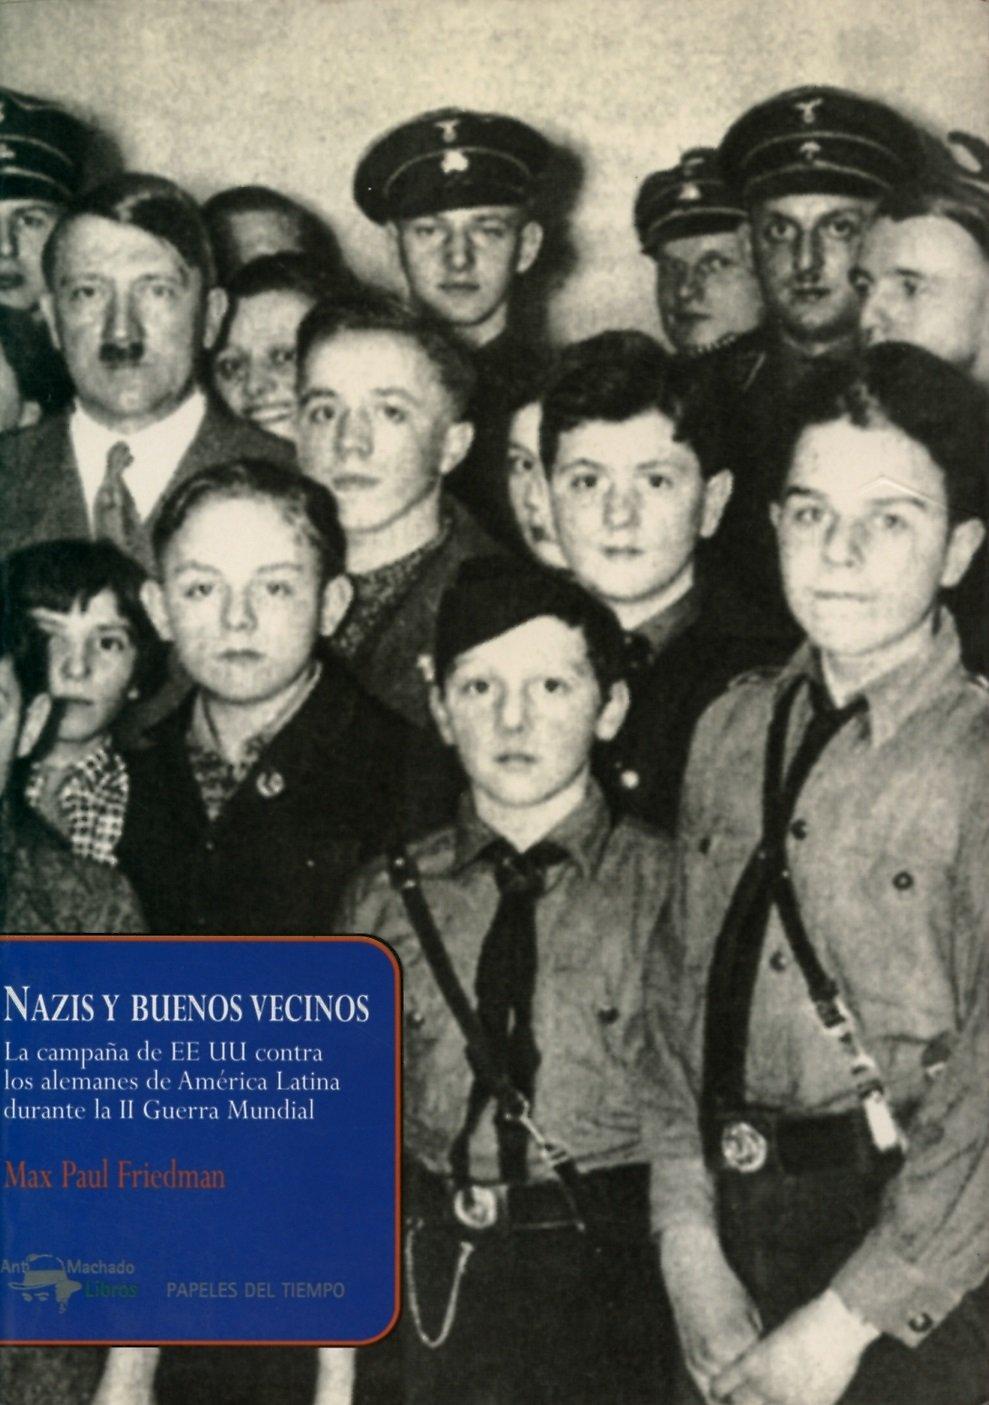 Nazis y buenos vecinos: La campaña de EEUU contra los alemanes de ...